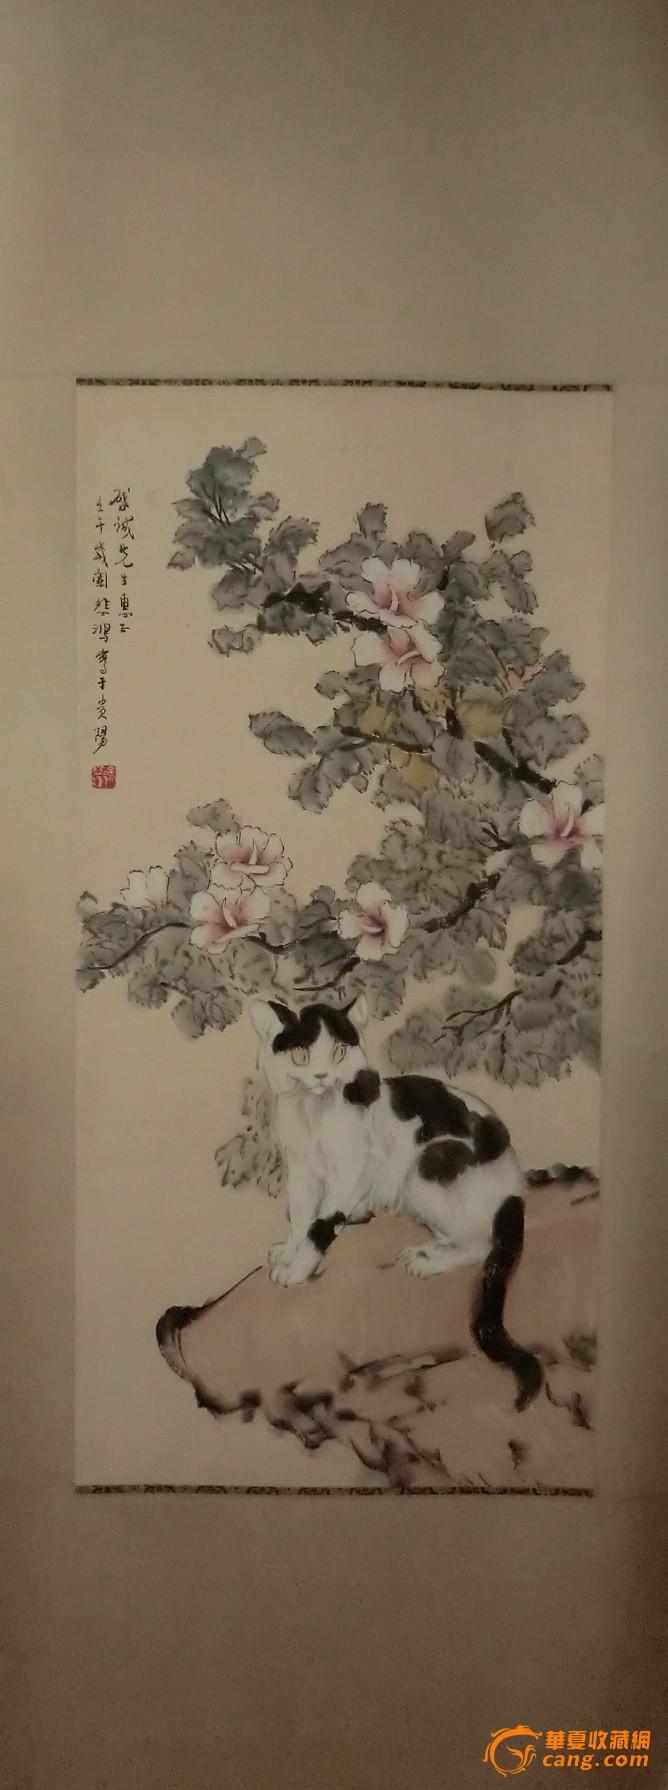 徐悲鸿的猫